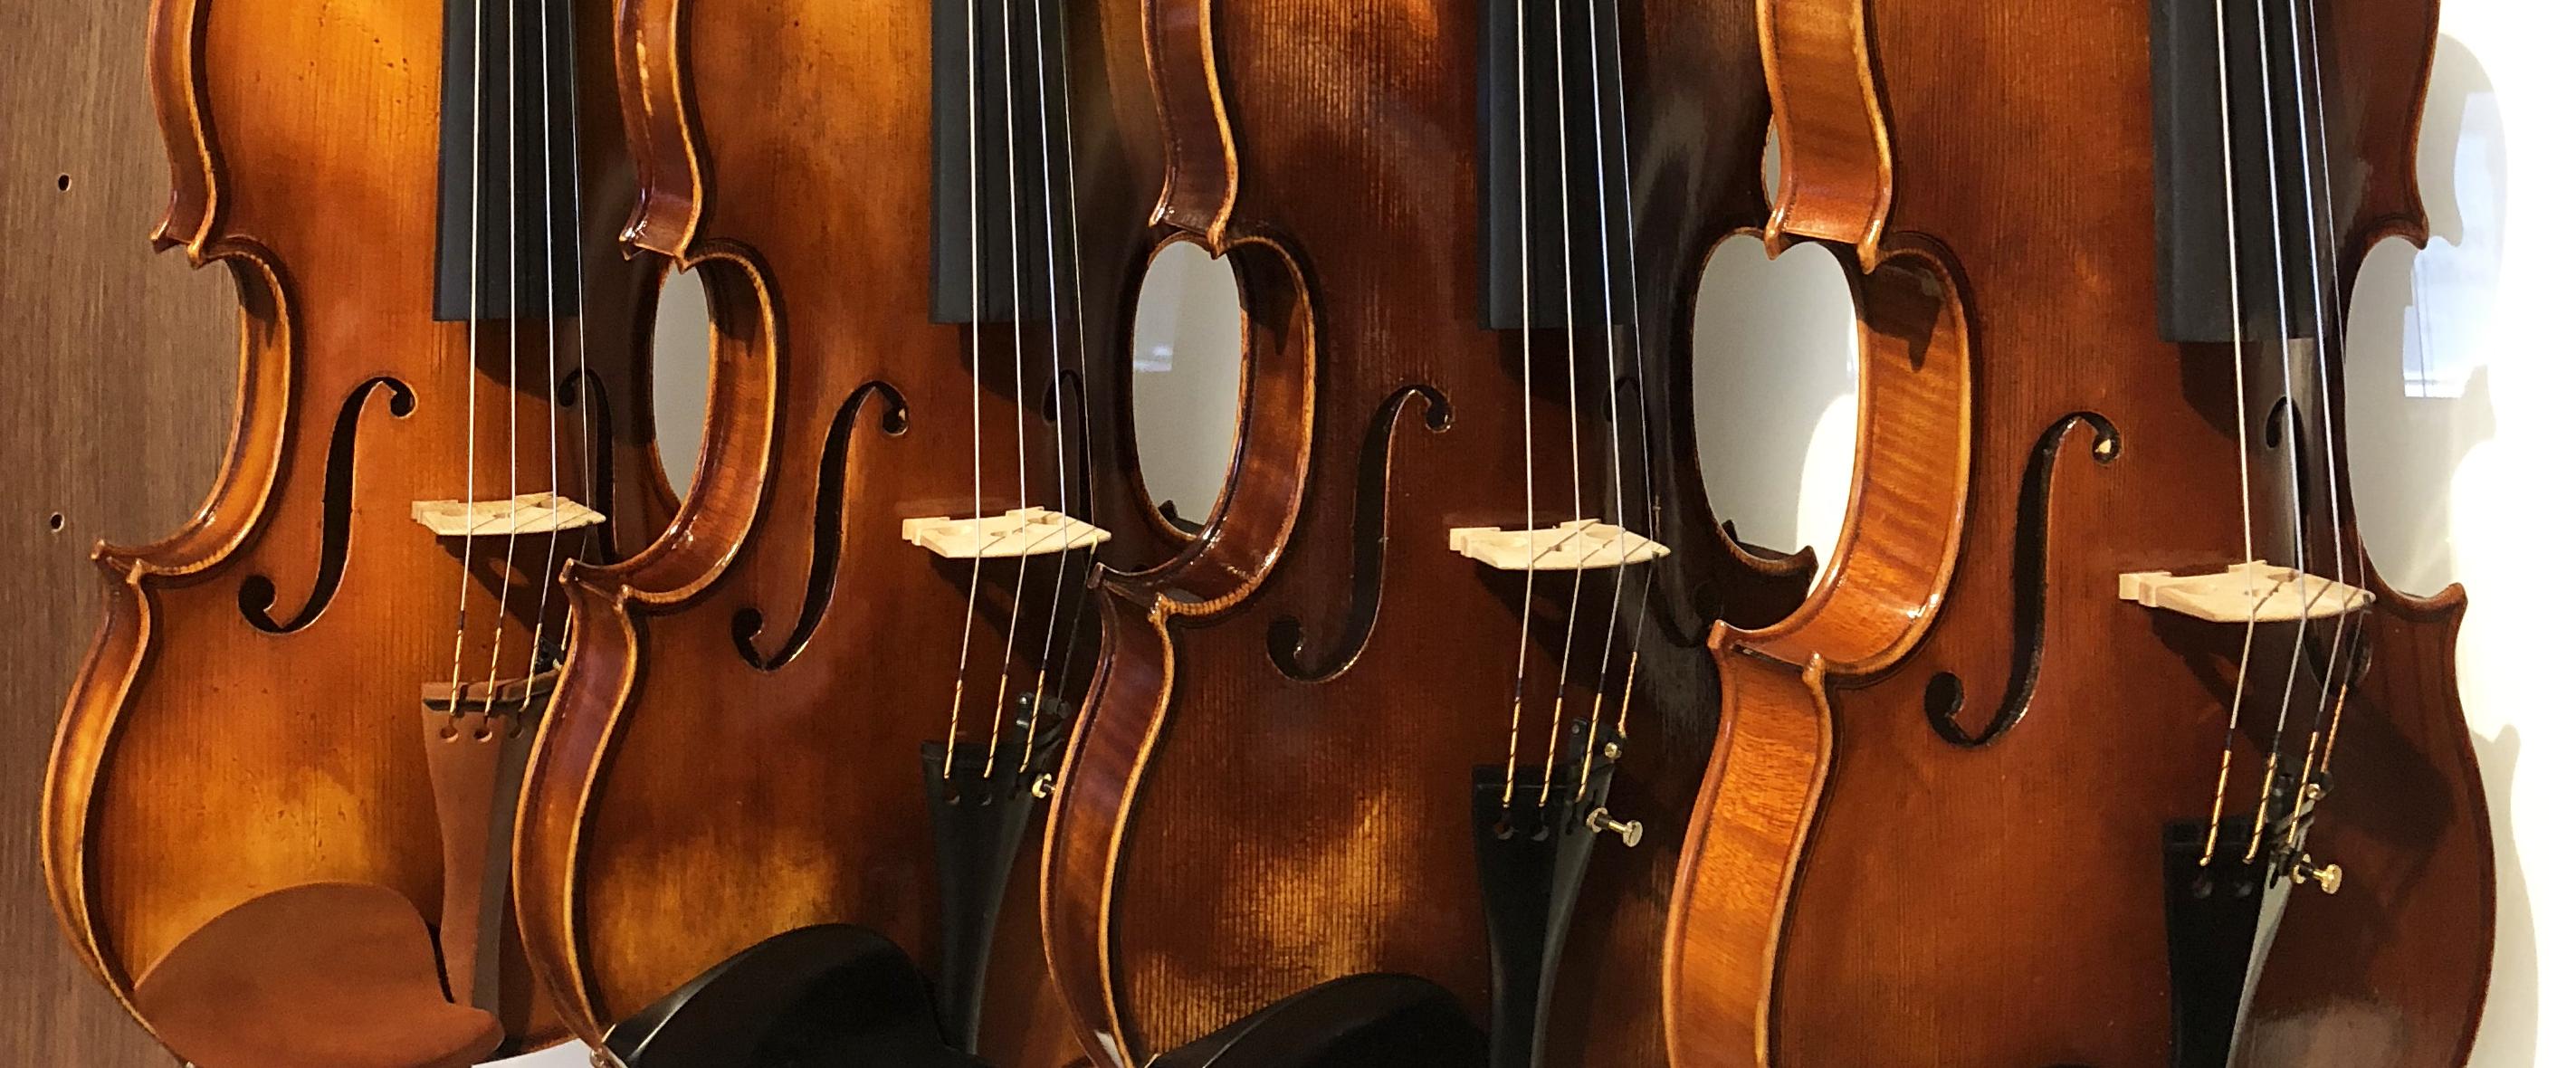 Violin-Middles1